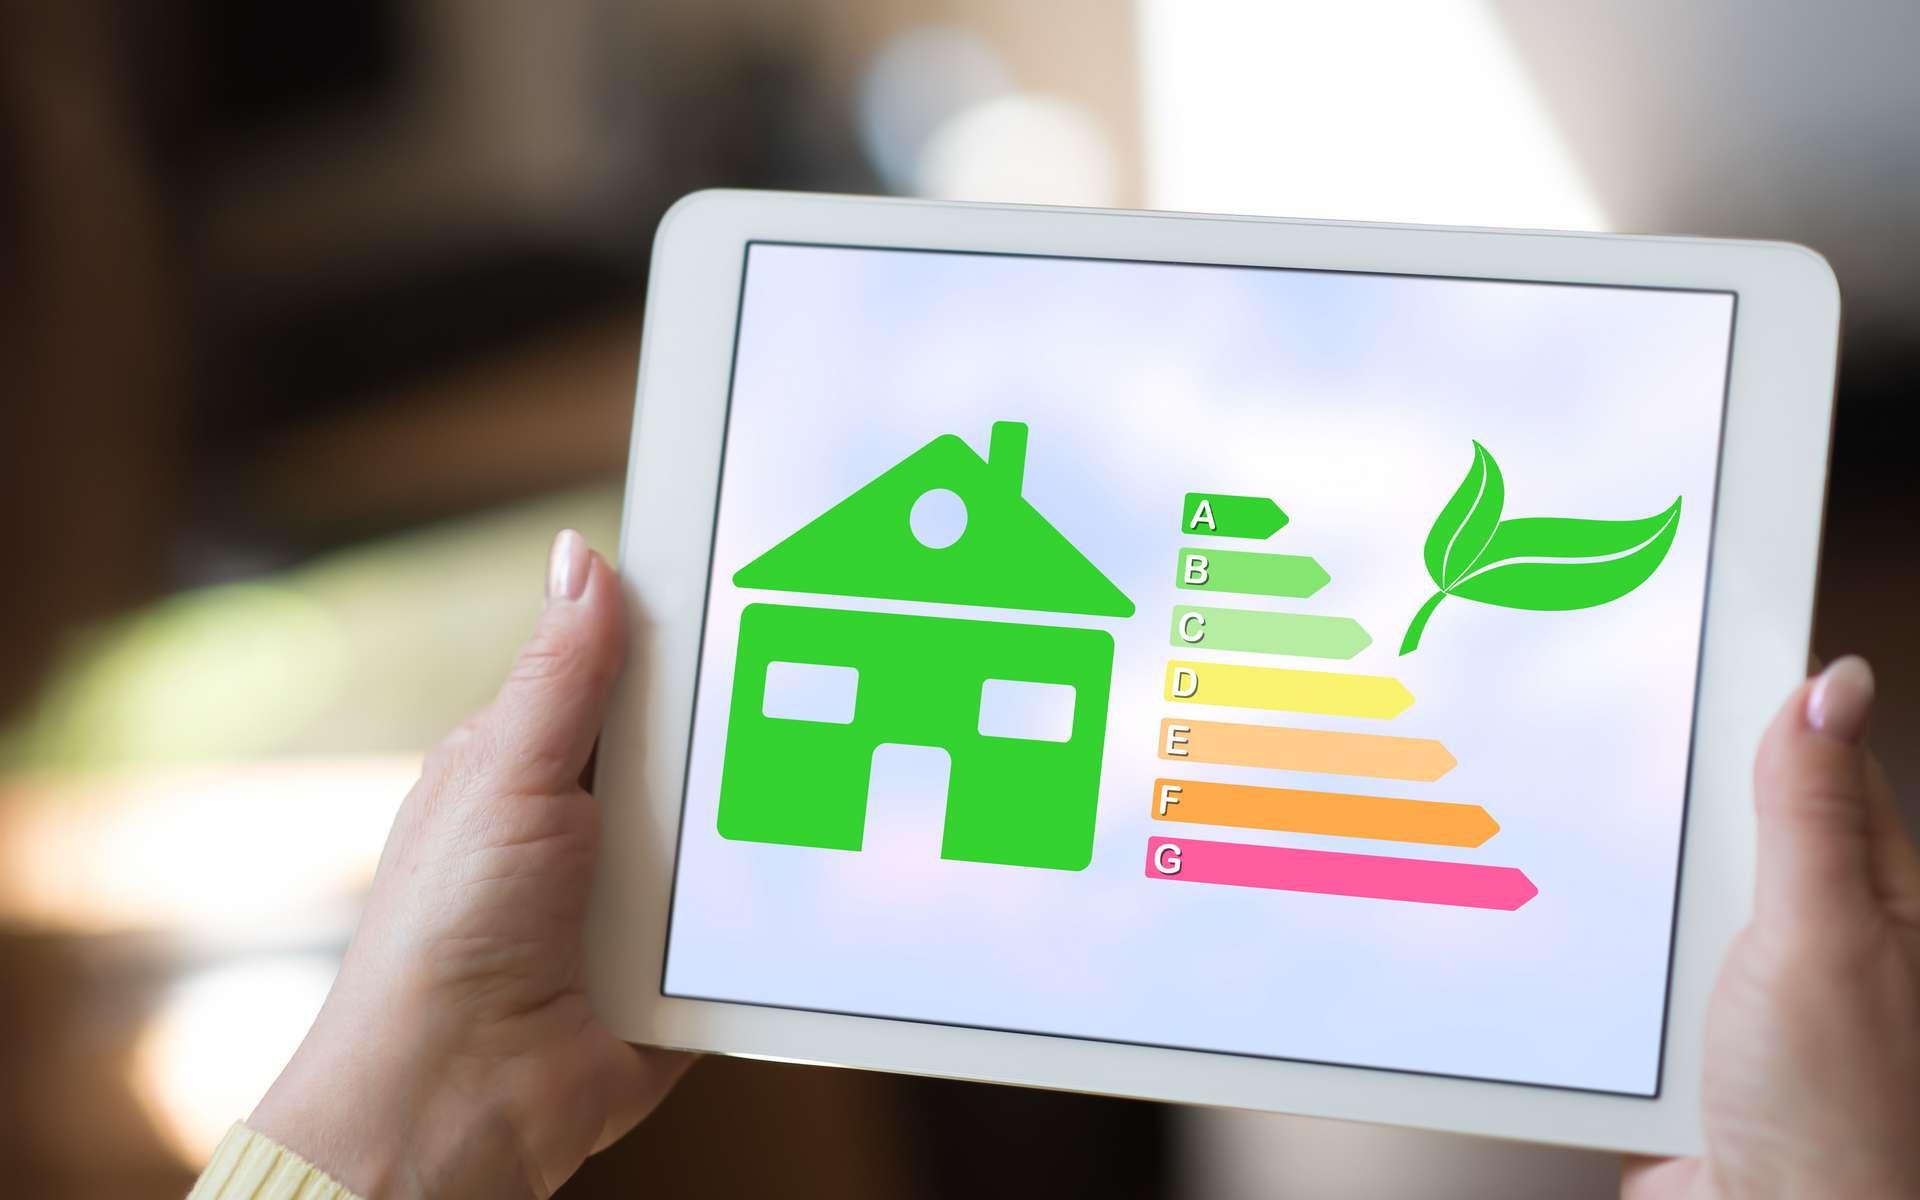 Gérer sa consommation énergétique permet de maîtriser son budget. © thodonal, Adobe Stock